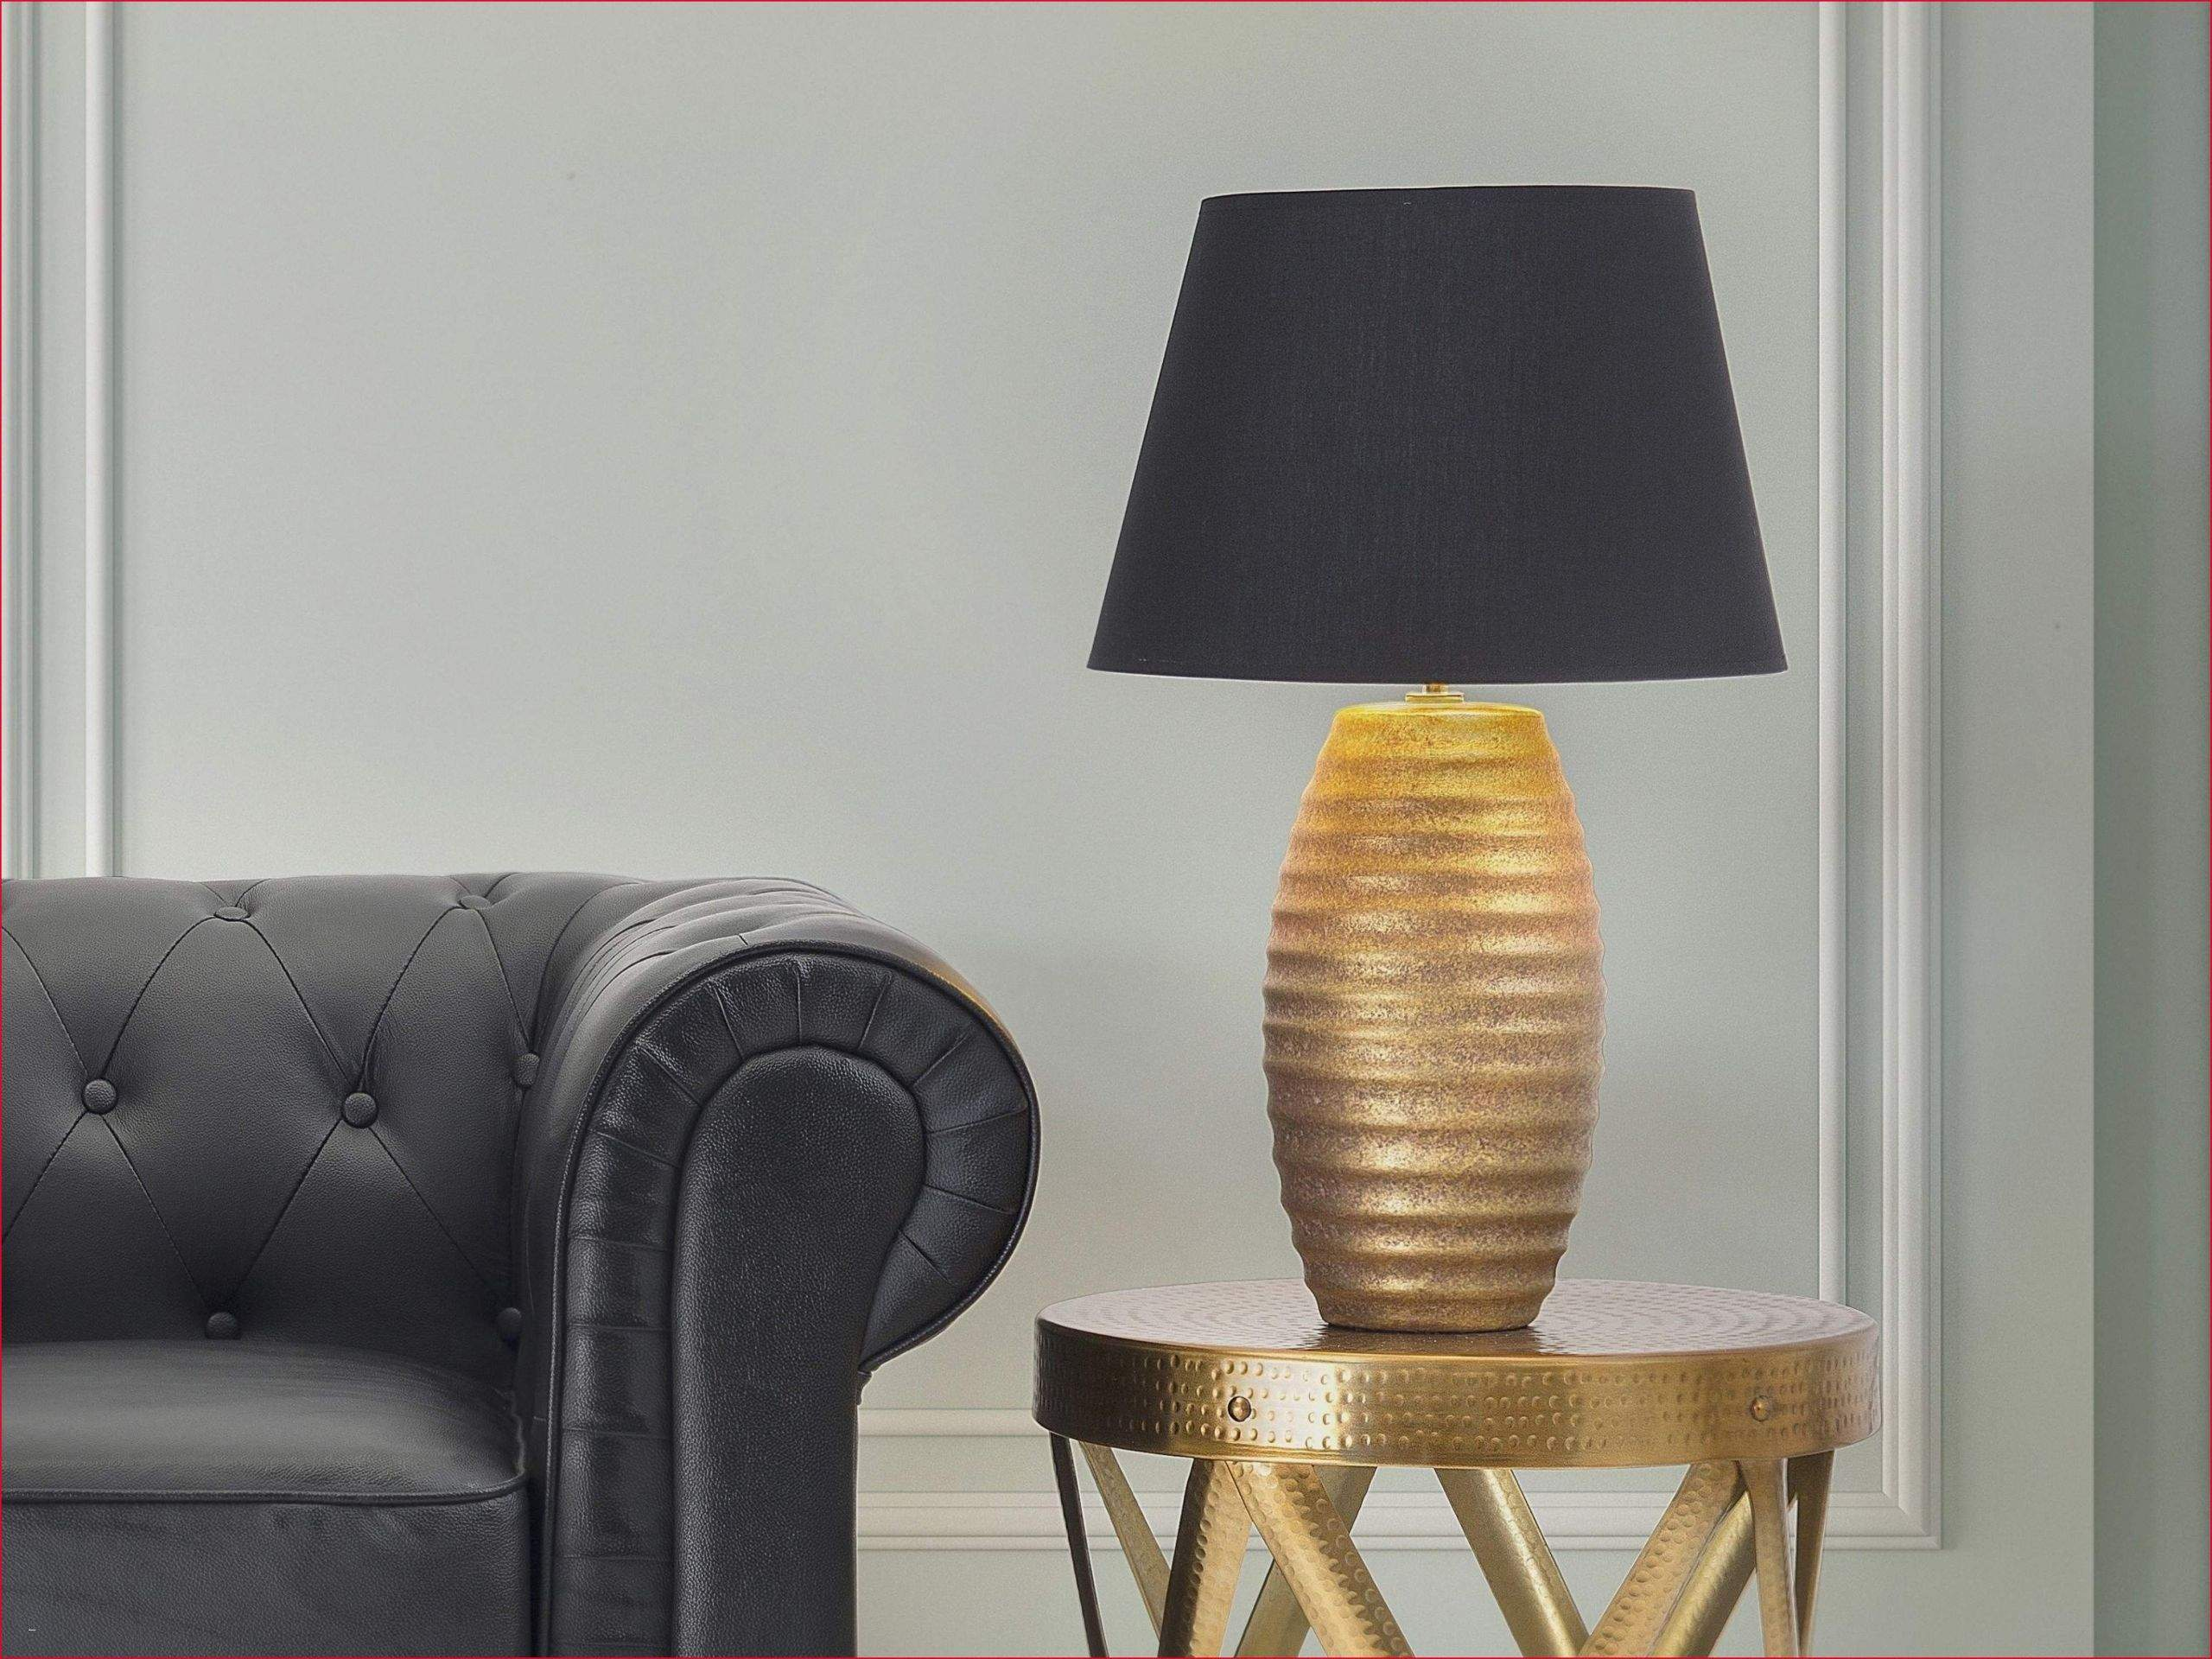 wohnzimmer beleuchtung ideen genial schon licht lampe sammlung von lampe idee lampe ideen of wohnzimmer beleuchtung ideen scaled